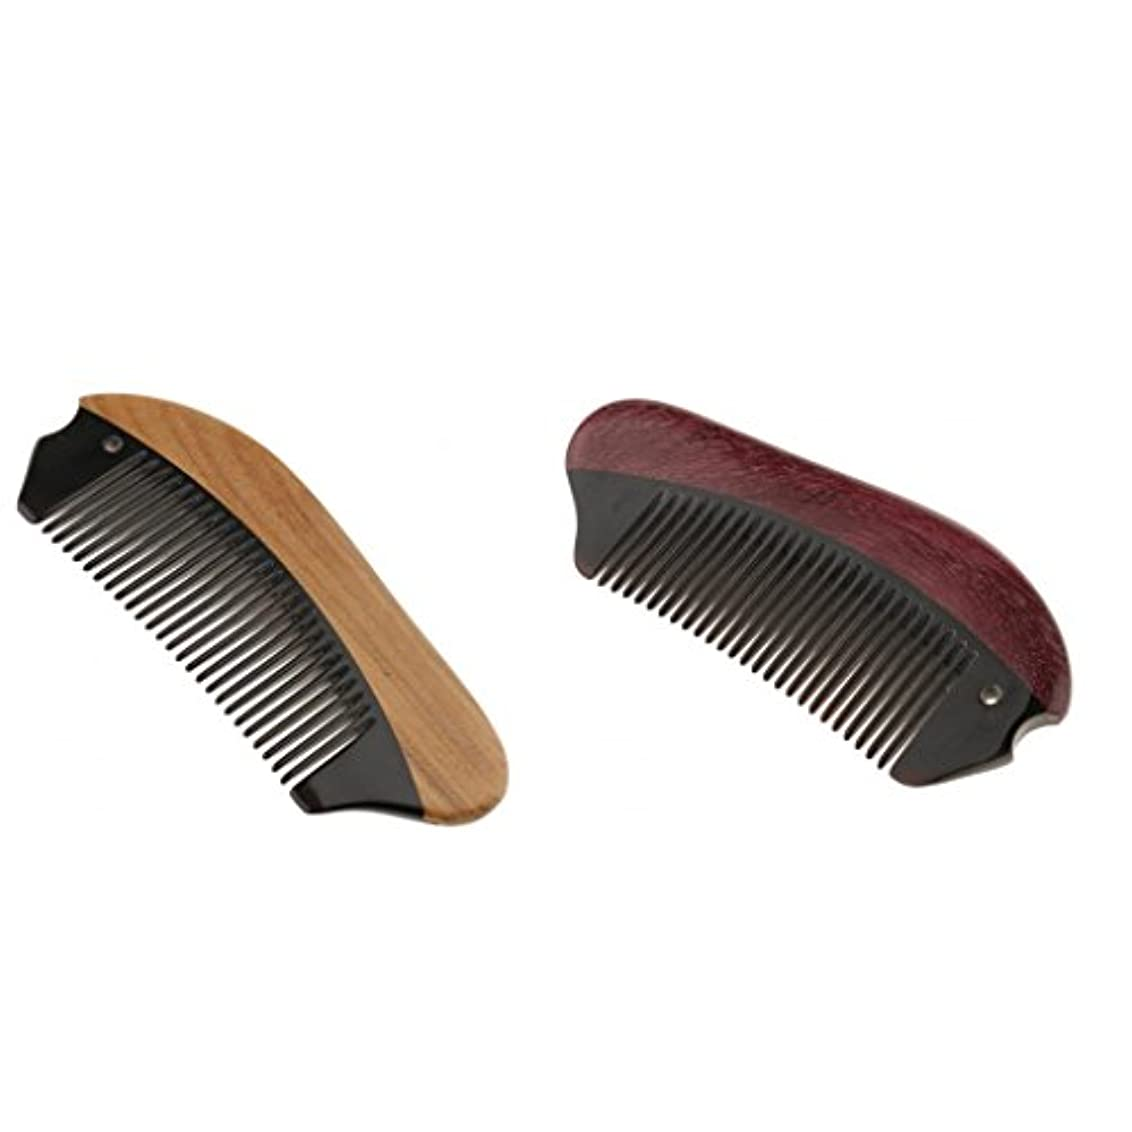 放射するお酢ショルダーBaosity 2個 木製 櫛 コーム 静電気防止 マッサージ 高品質 プレゼント 贈り物